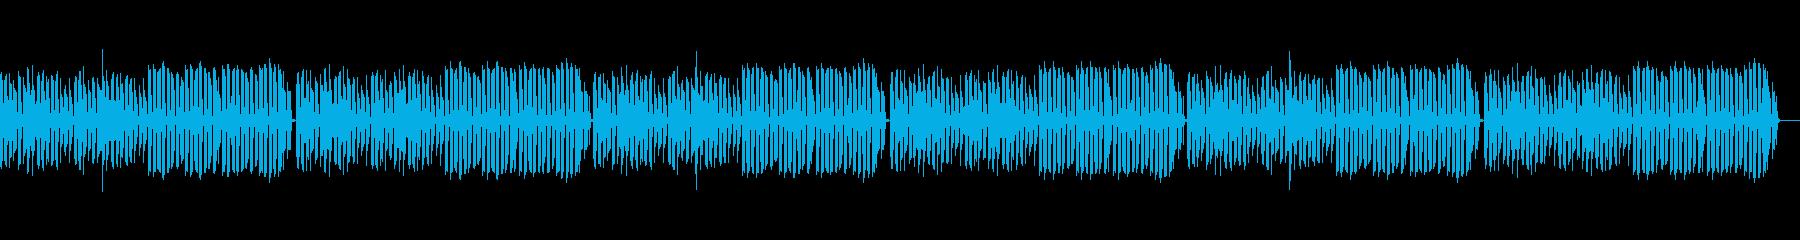 YouTube ほのぼの ピアノ のどかの再生済みの波形